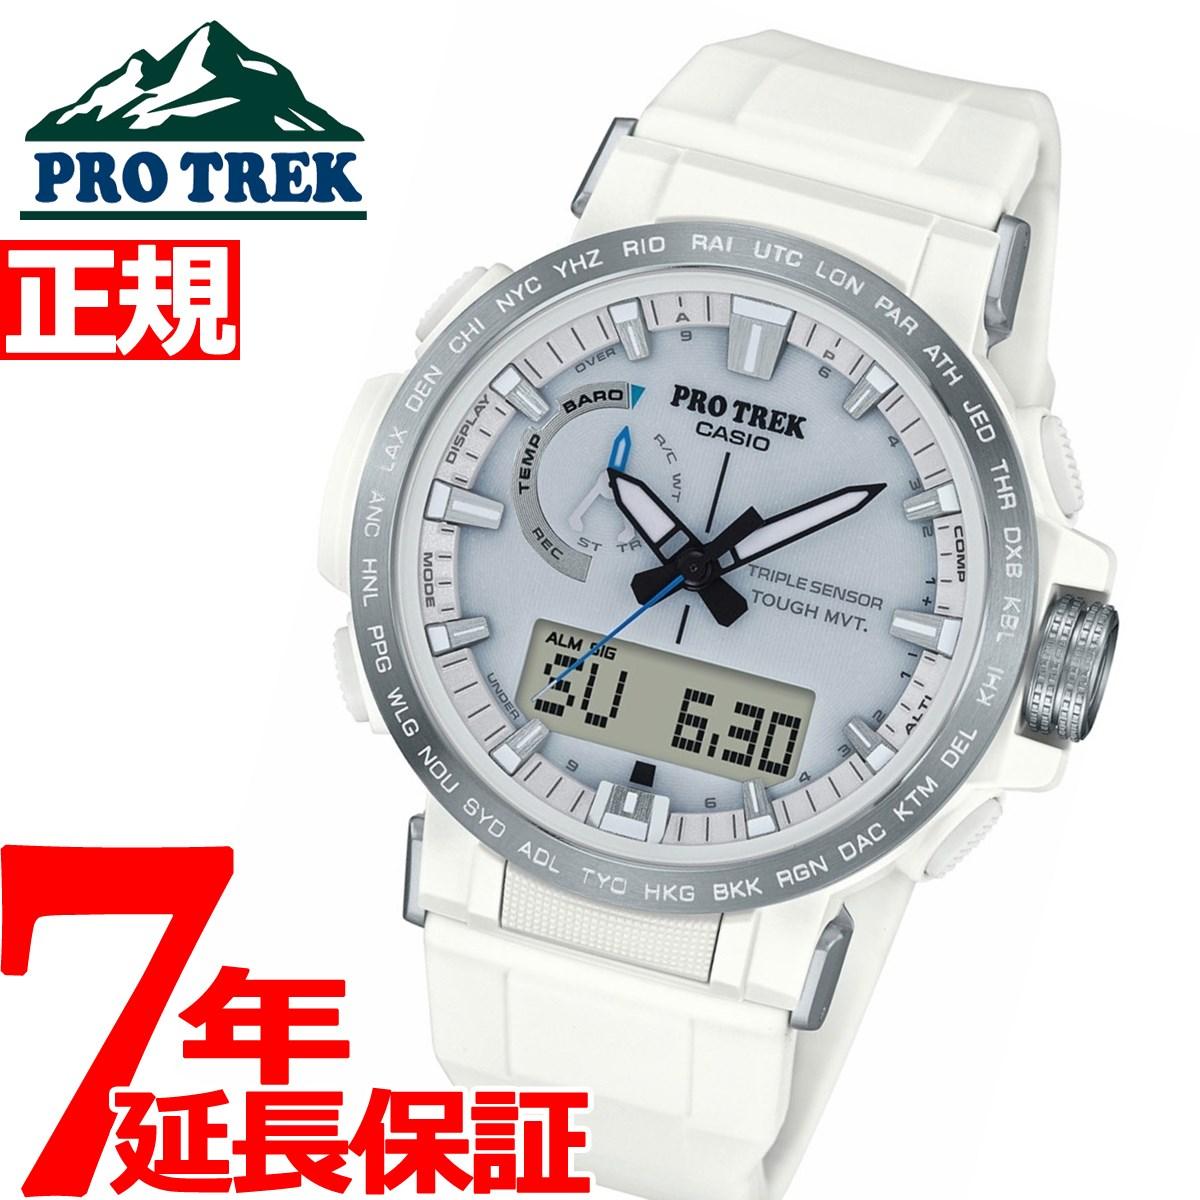 カシオ プロトレック CASIO PRO TREK 電波 ソーラー 電波時計 腕時計 メンズ タフソーラー Climber Line PRW-60-7AJF【2018 新作】